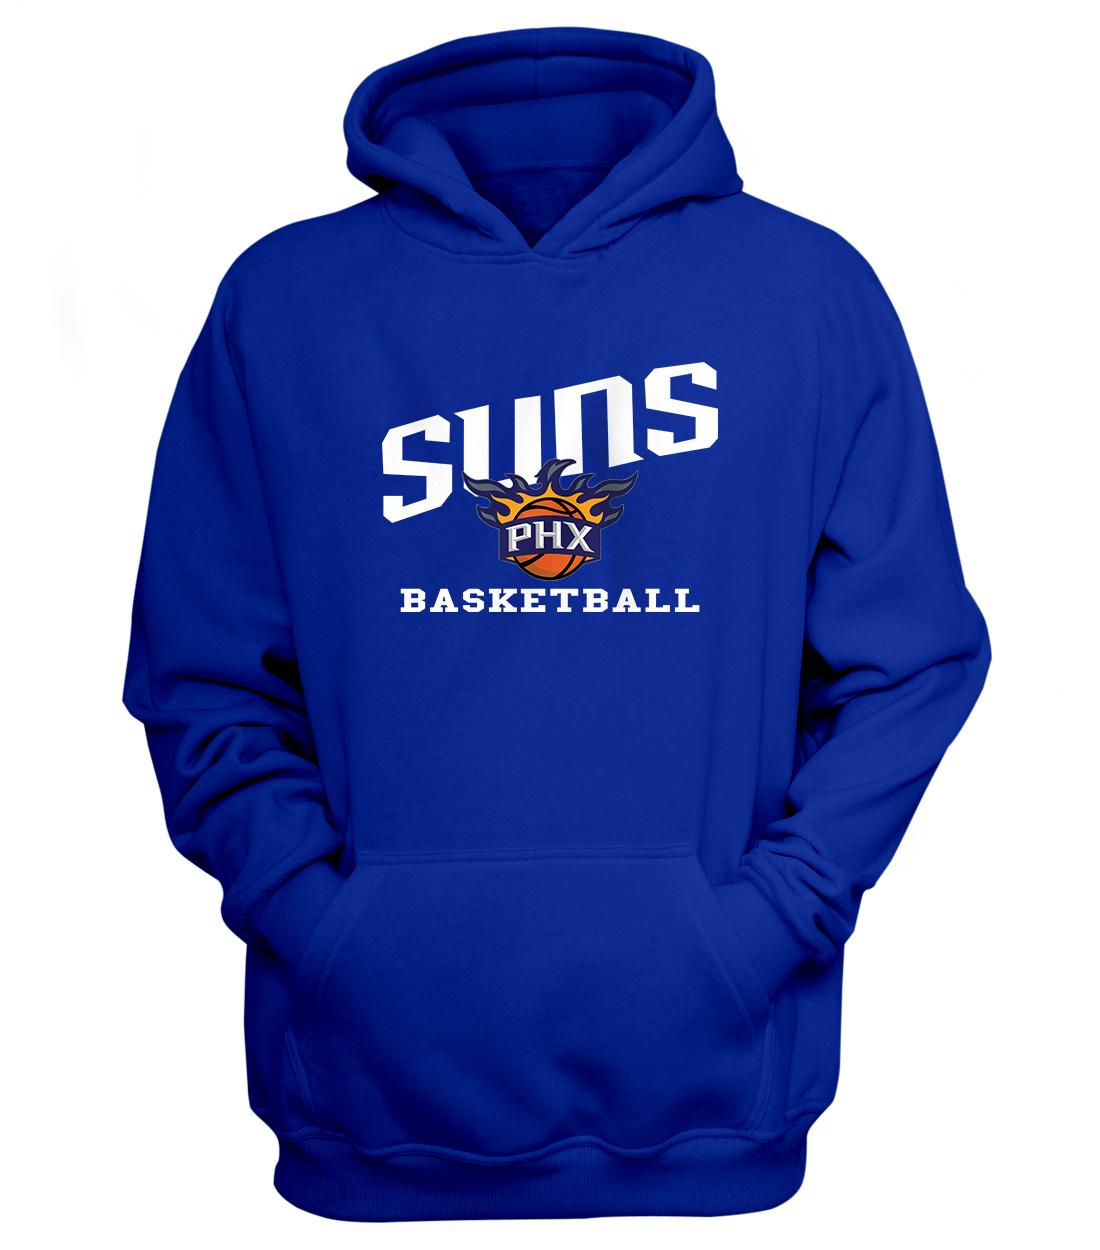 Suns Basketball Hoodie (HD-BLU-NP-188-NBA-PHO-BASKETBALL)